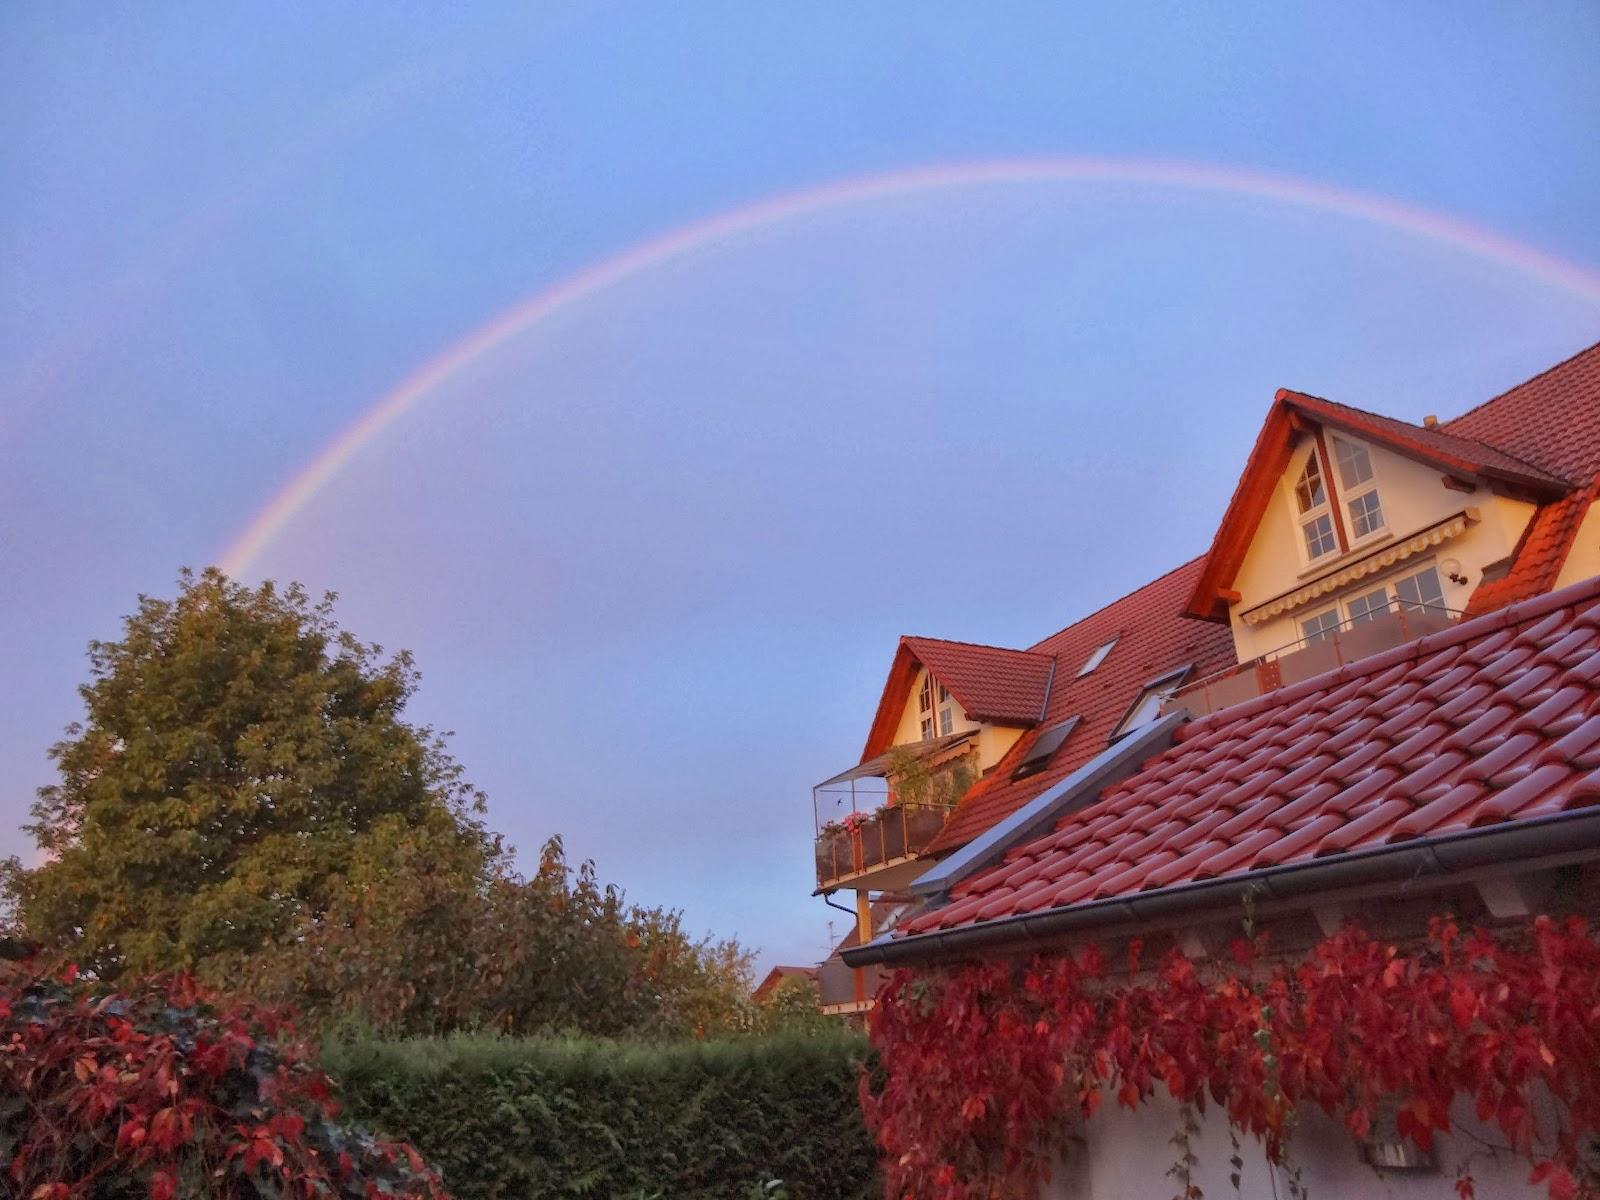 Für gottes bunter uns lied du zeichen regenbogen regenbogen Abschlussgottesdienst grundschule